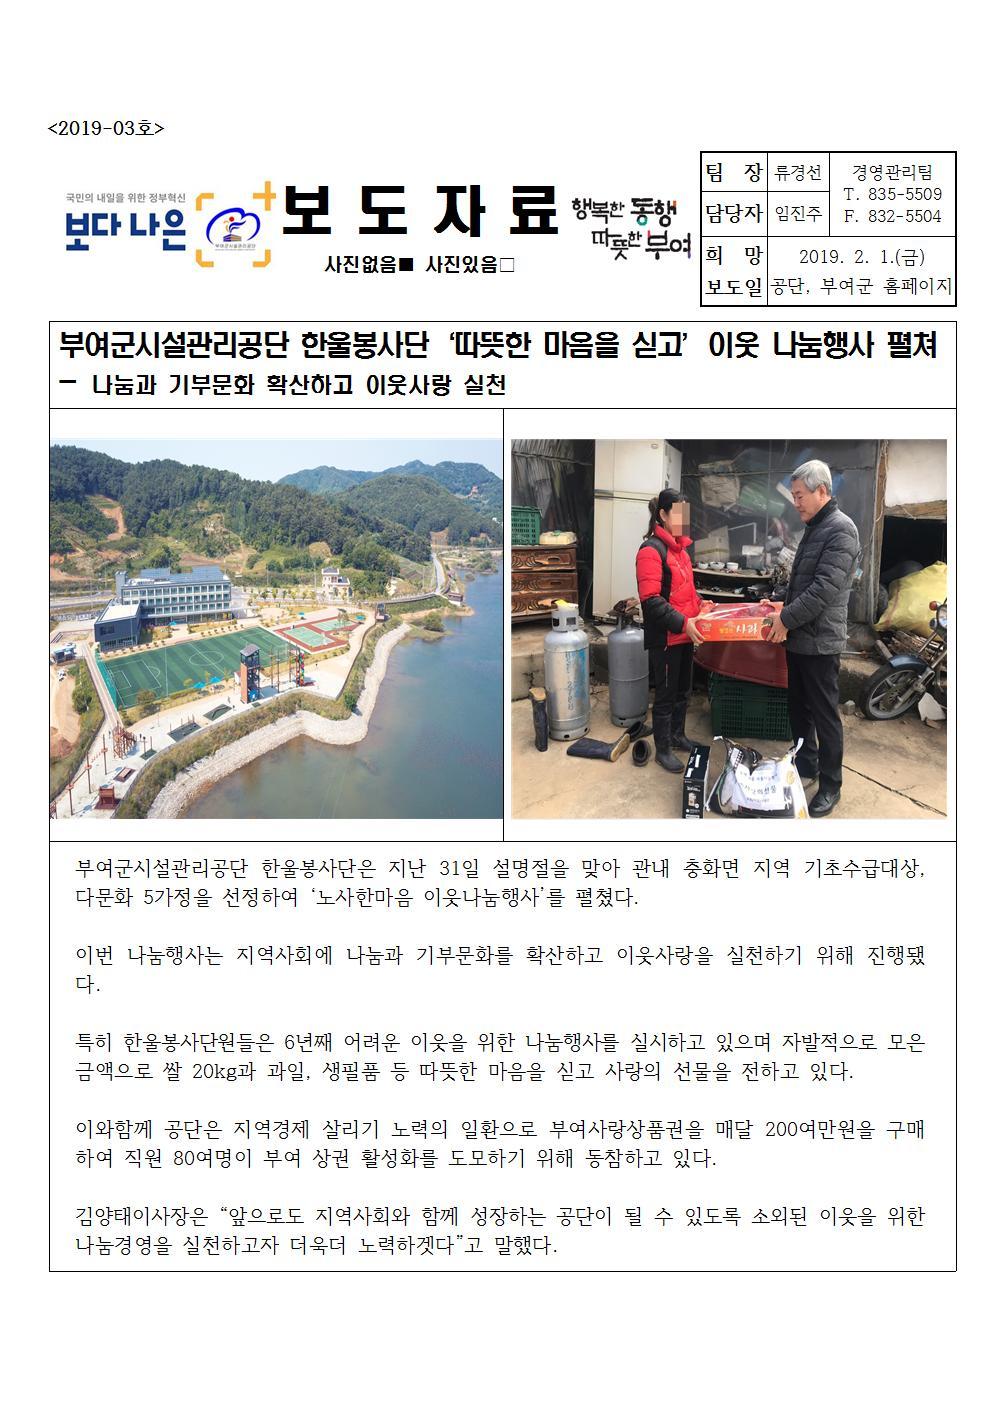 2019-03(경영관리팀-노사한마음)001.jpg